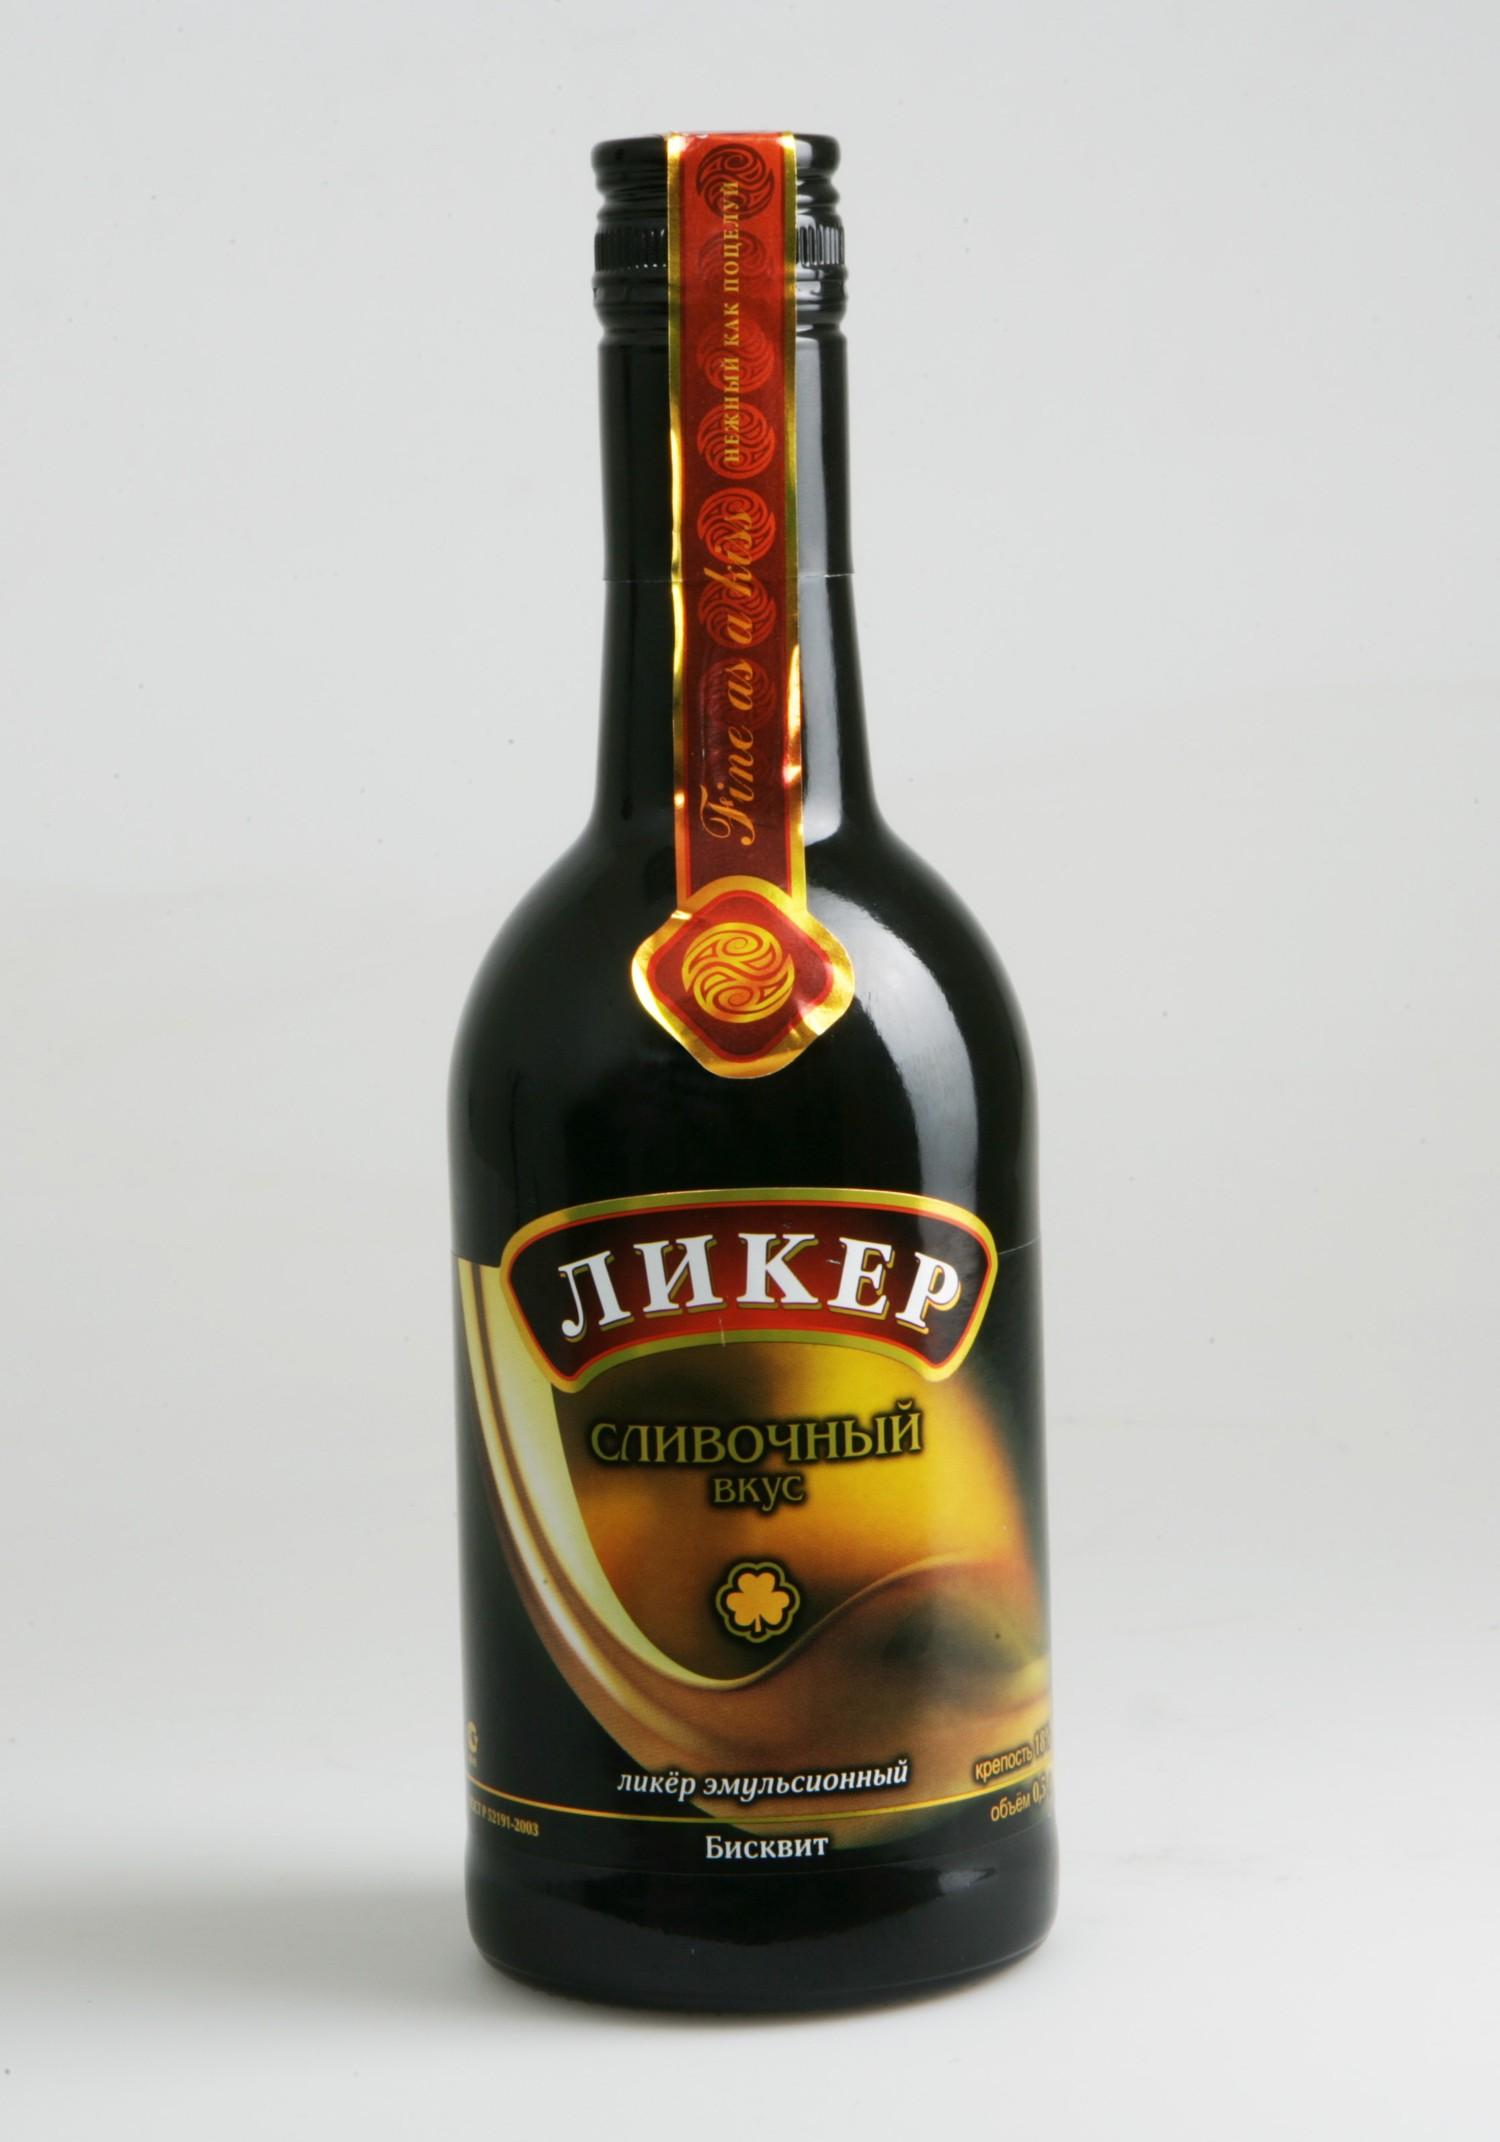 Бутылка рома адвокат потребовалось предупреждения